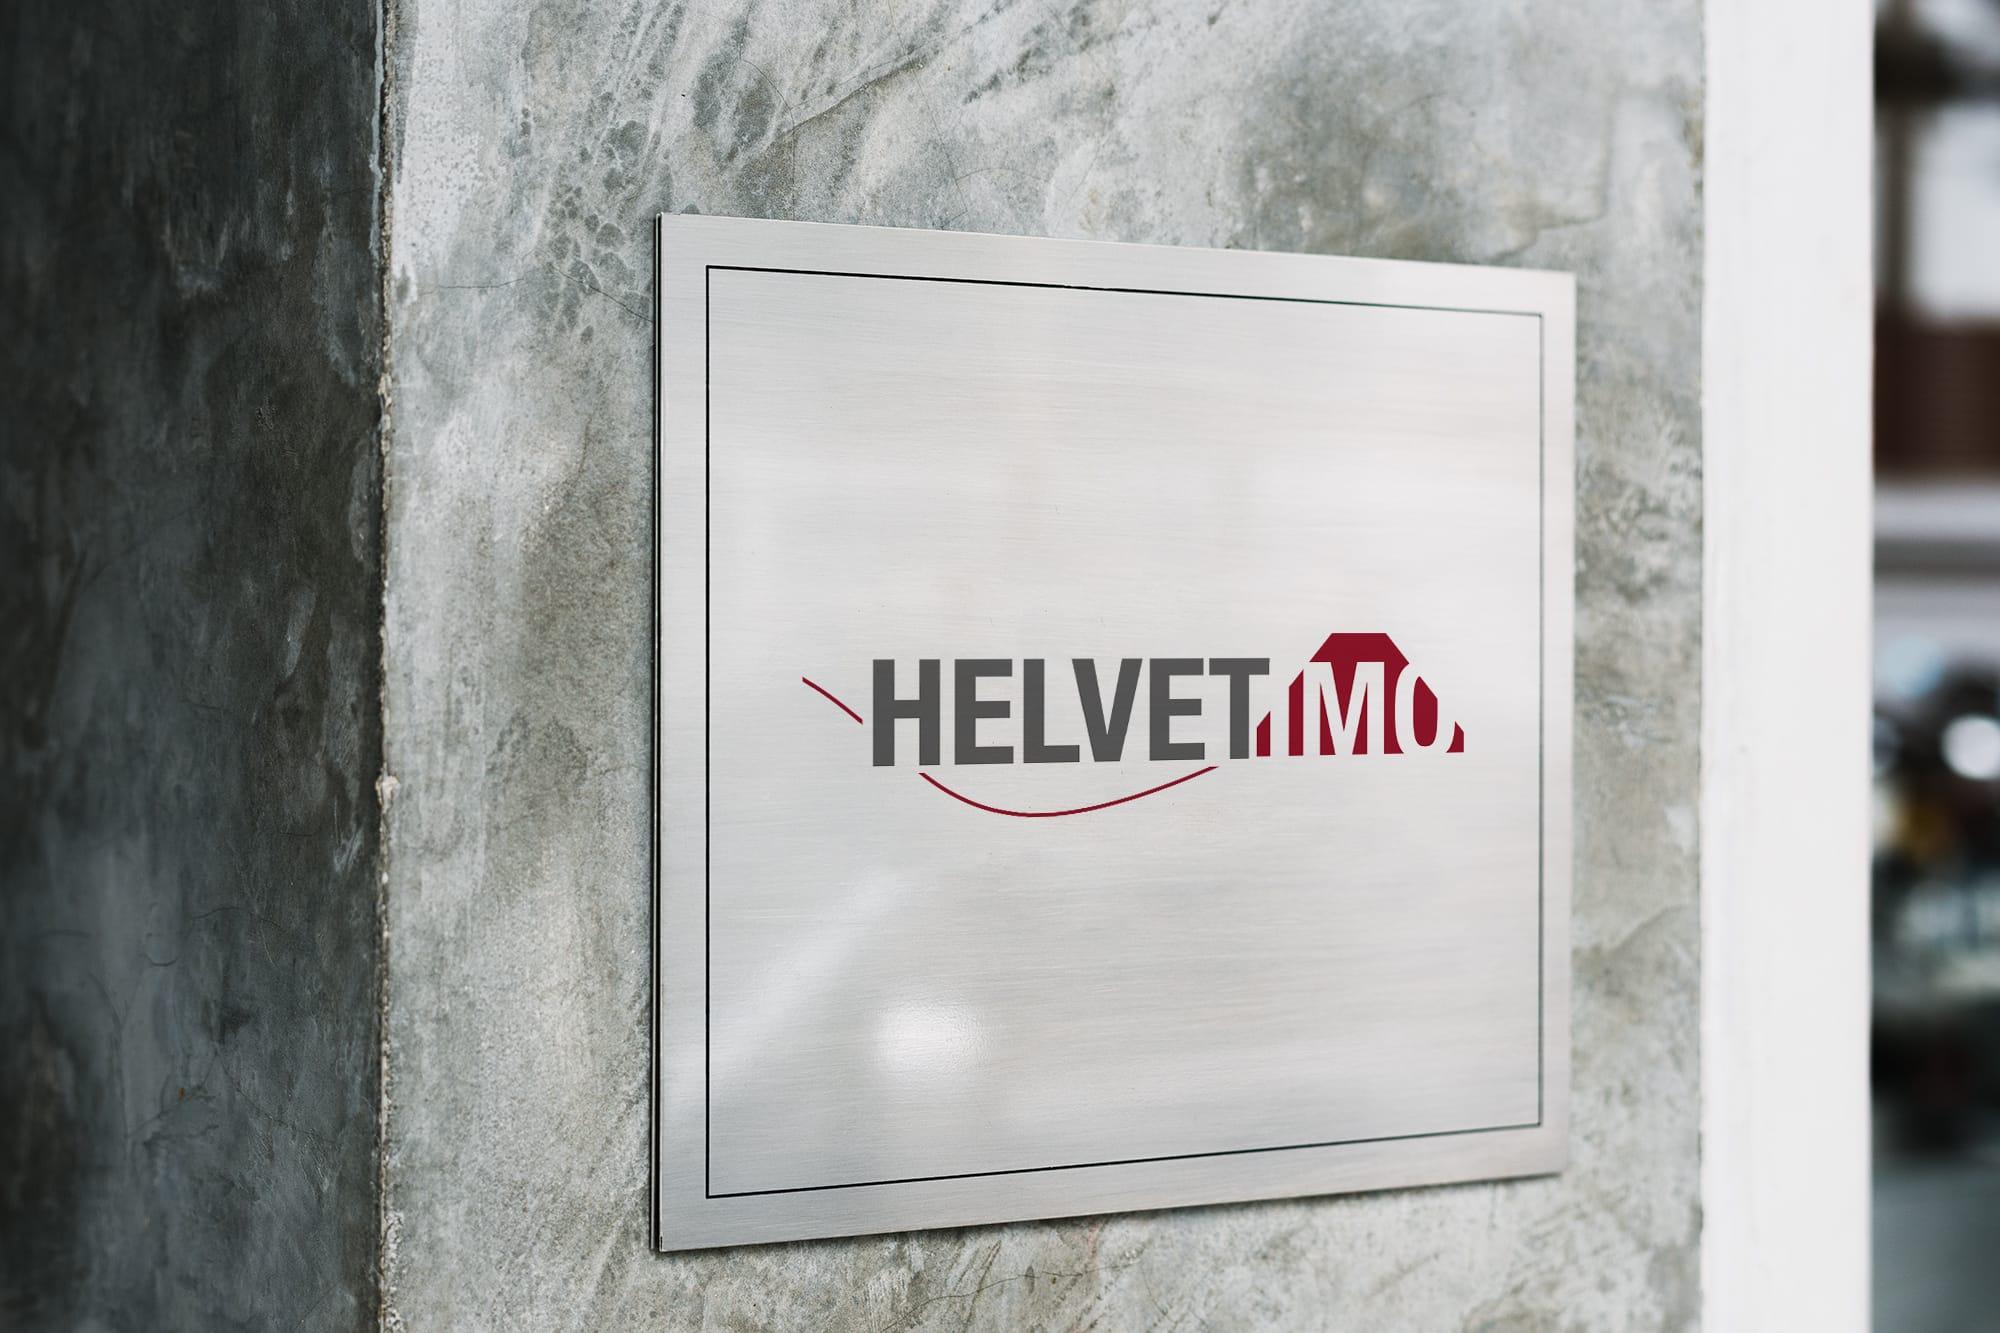 logo helvetimo sbcom steven berg